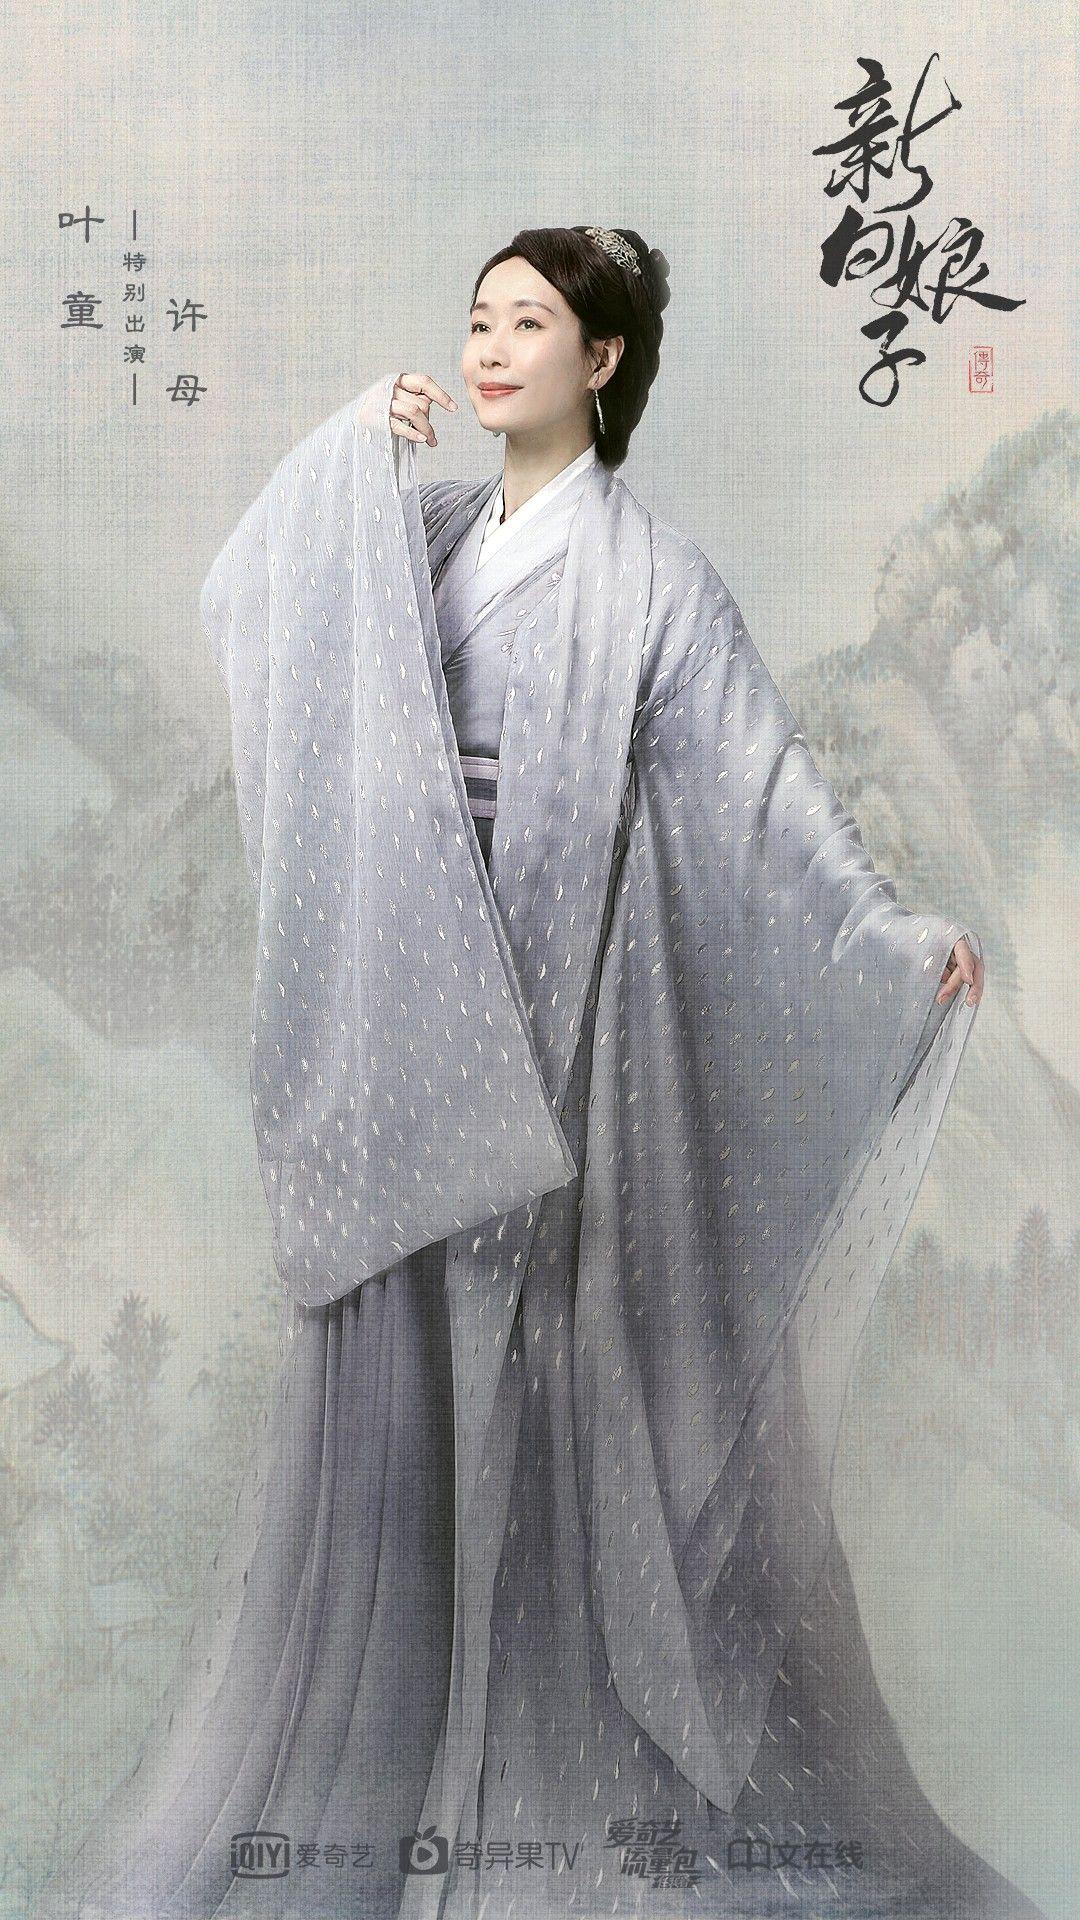 Tân Bạch Nương Tử truyền kỳ Drama The legend of White